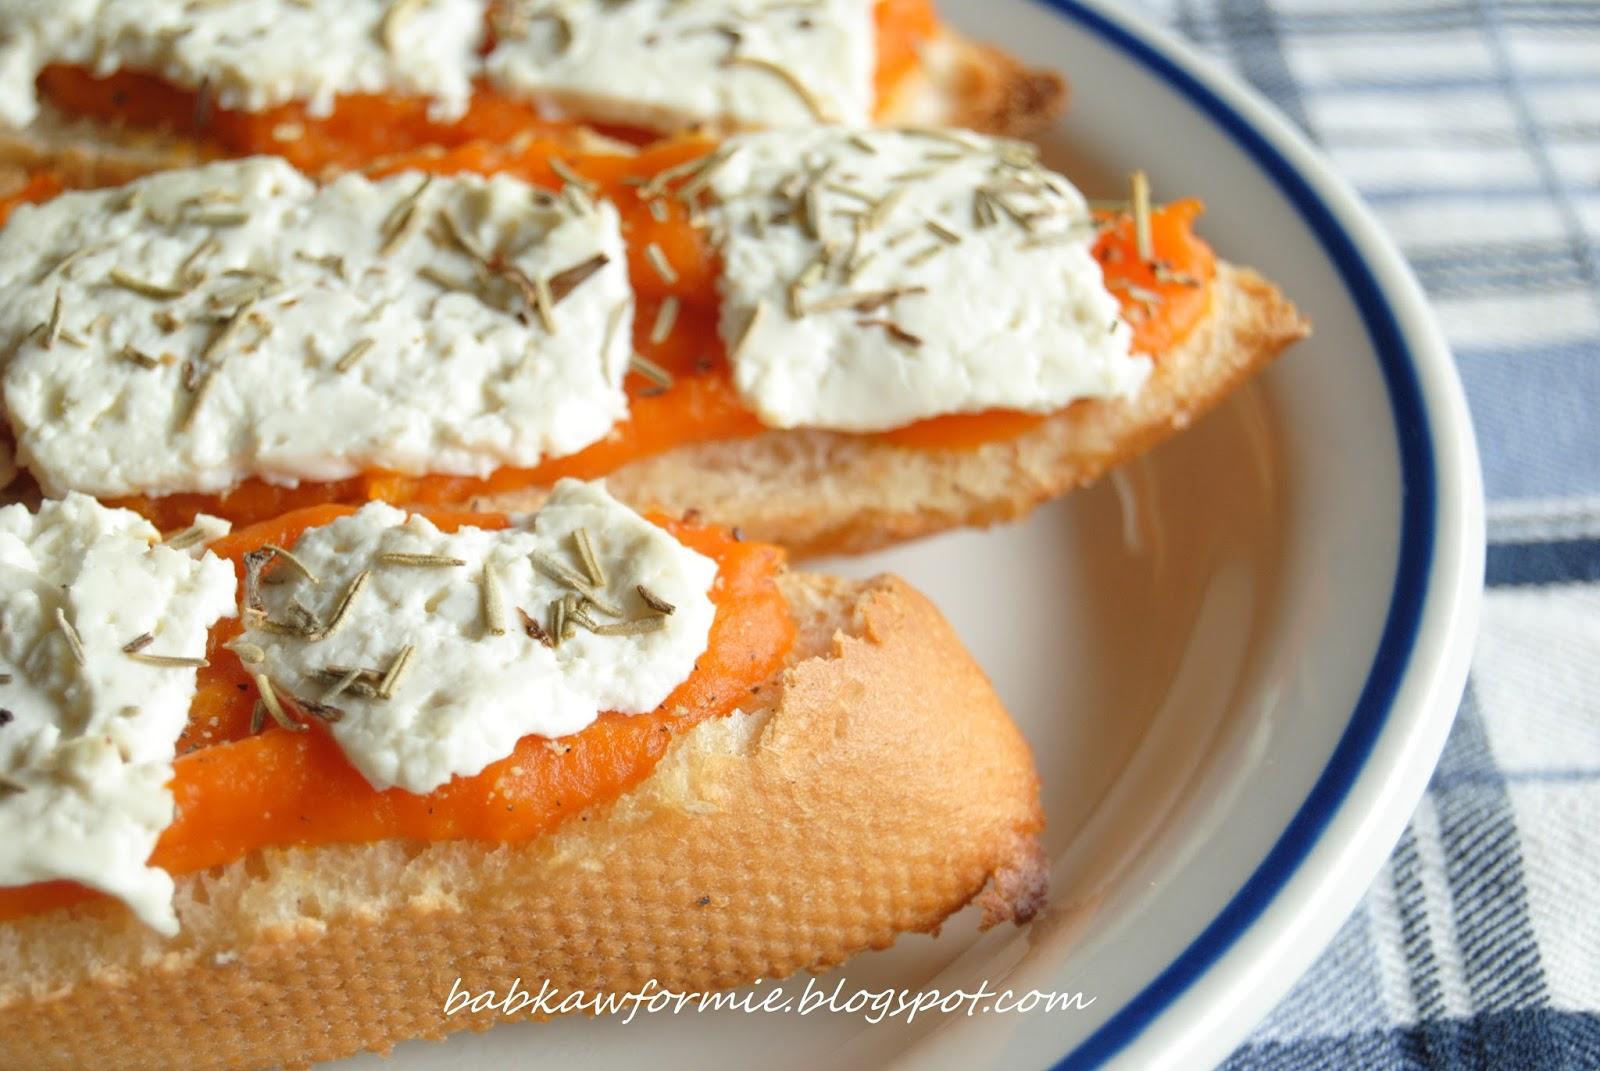 bruschetta z dynią, białym serem i rozmarynem przekąski i przystawki babkawformie.blogspot.com